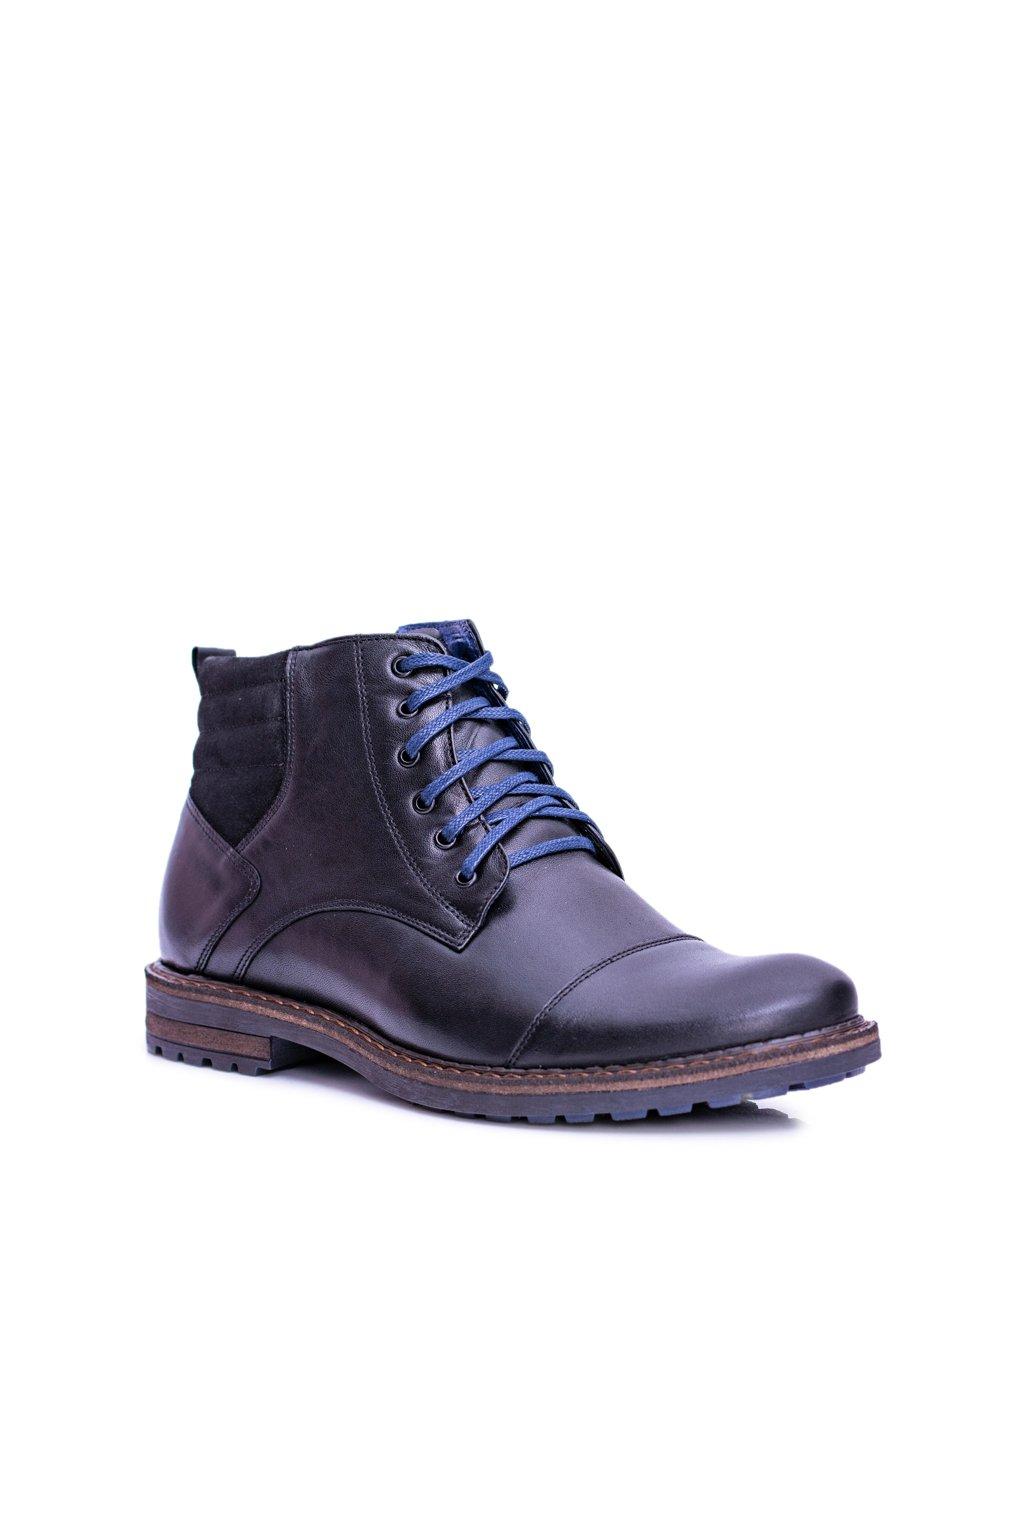 Pánske topánky na zimu farba čierna kód obuvi 683 BLK